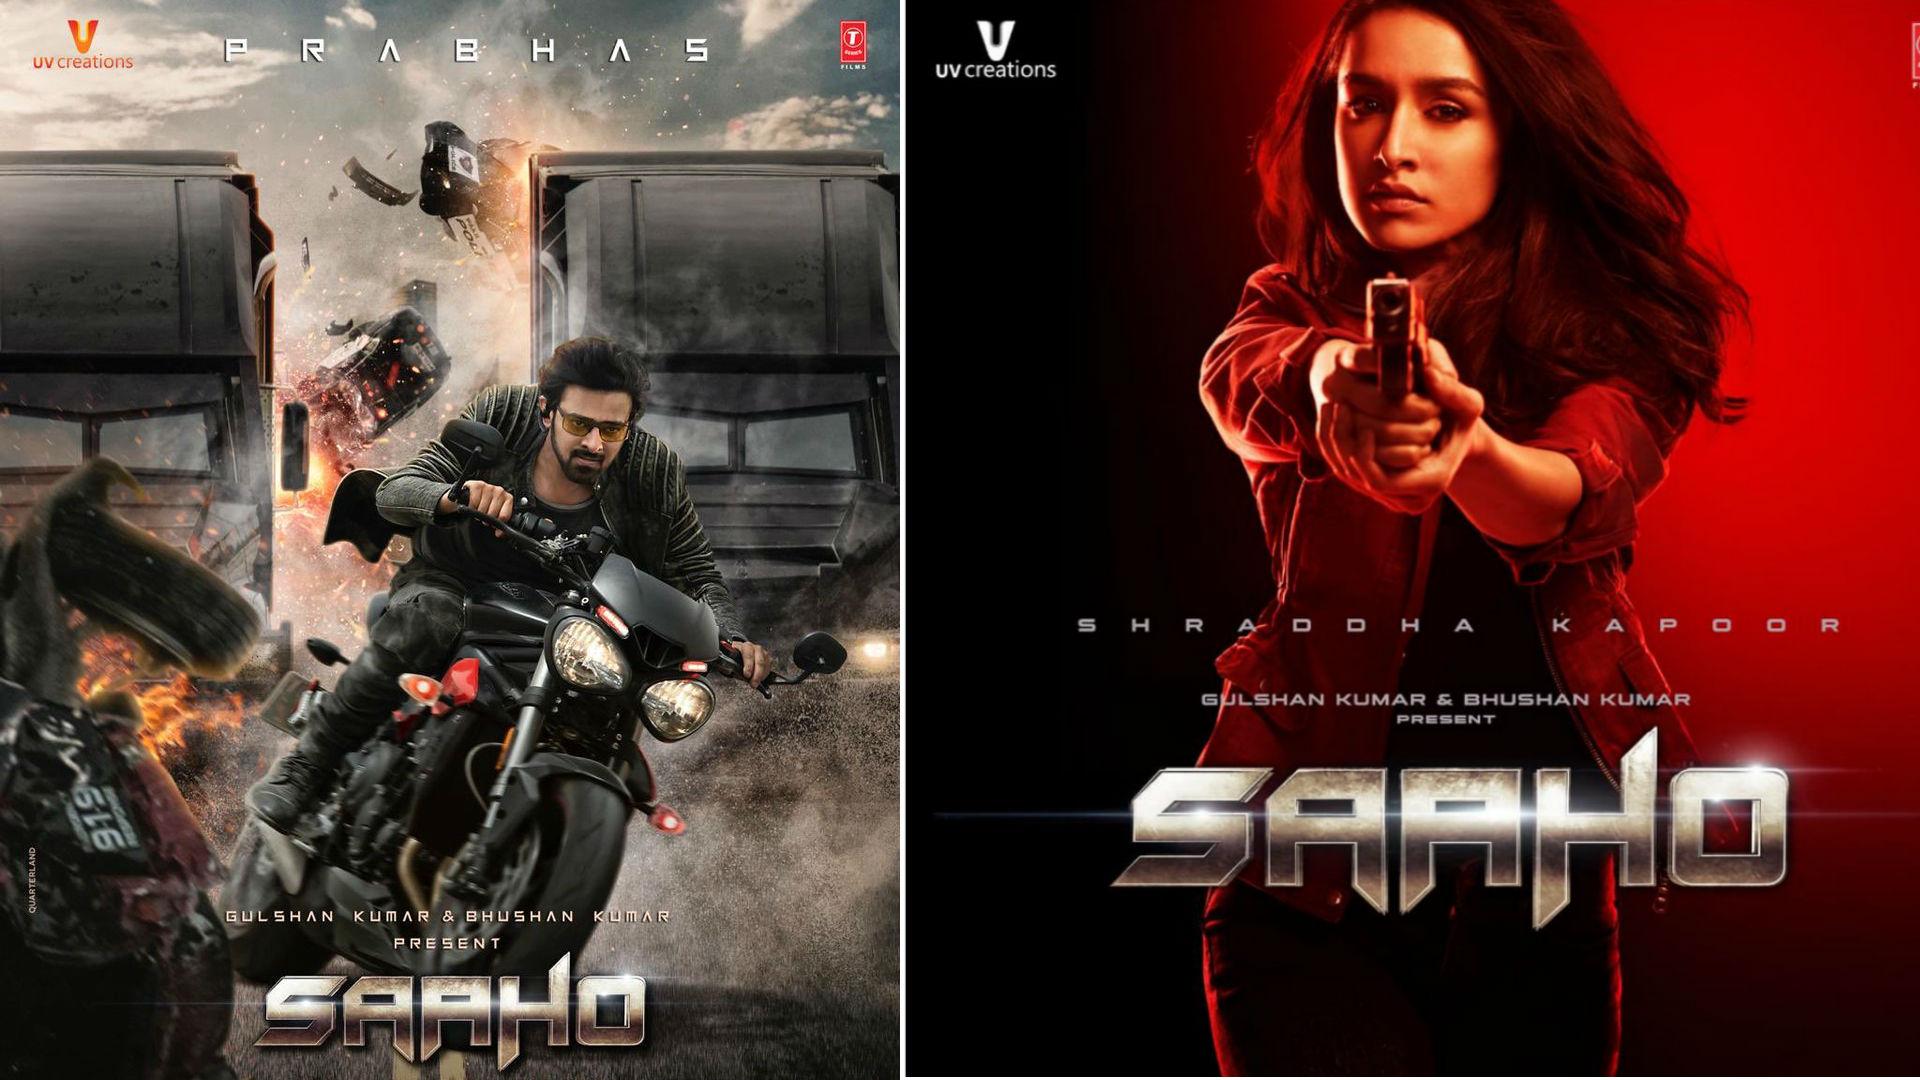 Saaho Movie Teaser: प्रभास-श्रद्धा कपूर की 'साहो' का टीजर लॉन्च, हो सकती है साल की सबसे बड़ी हिट फिल्म